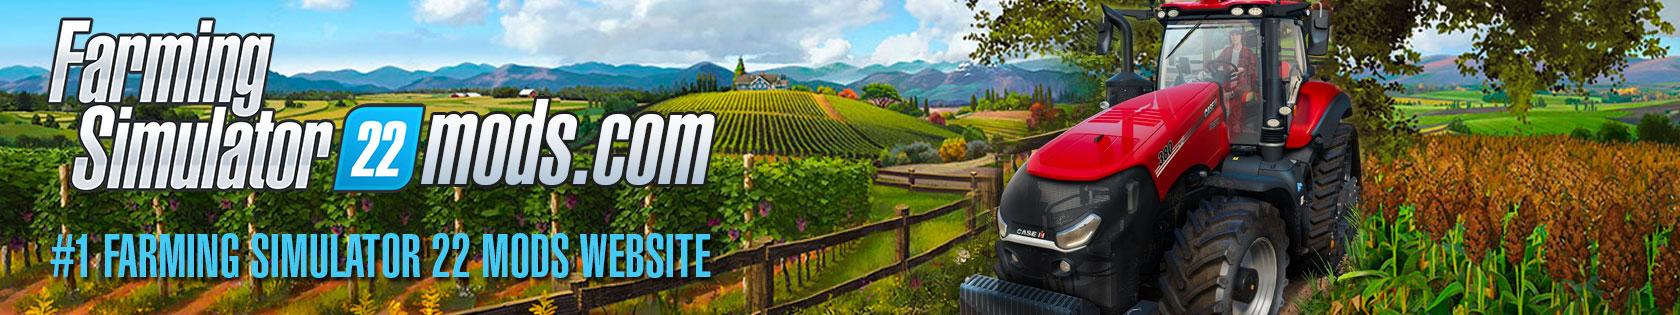 Farming Simulator 22 Mods